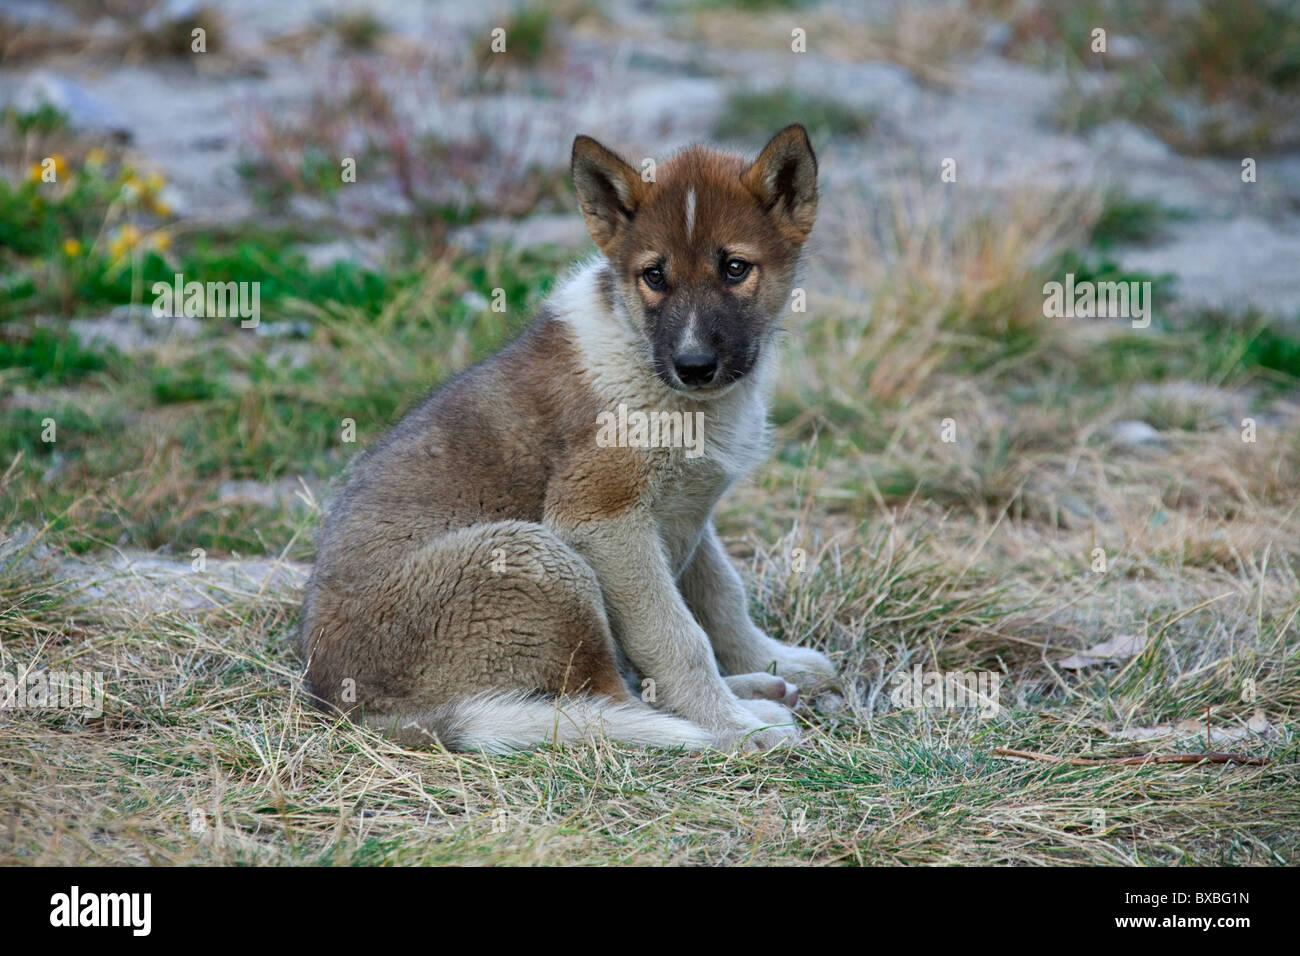 La Groenlandia cane (Canis lupus familiaris), slitta cane pup, Ilulissat, West-Greenland, Groenlandia Immagini Stock